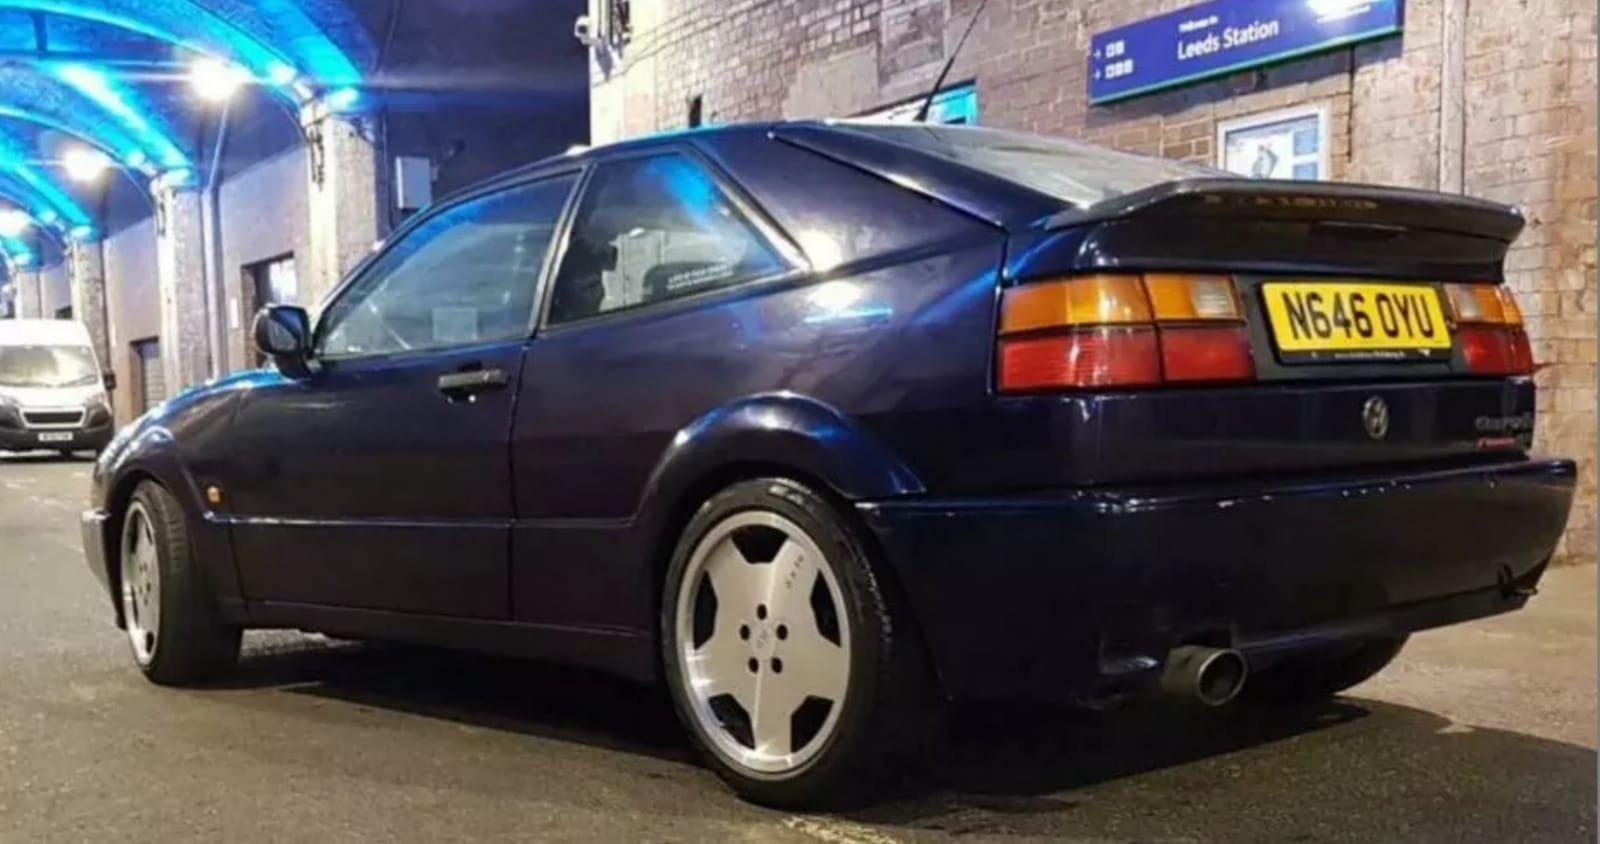 1996 VOLKSWAGEN CORRADO VR6